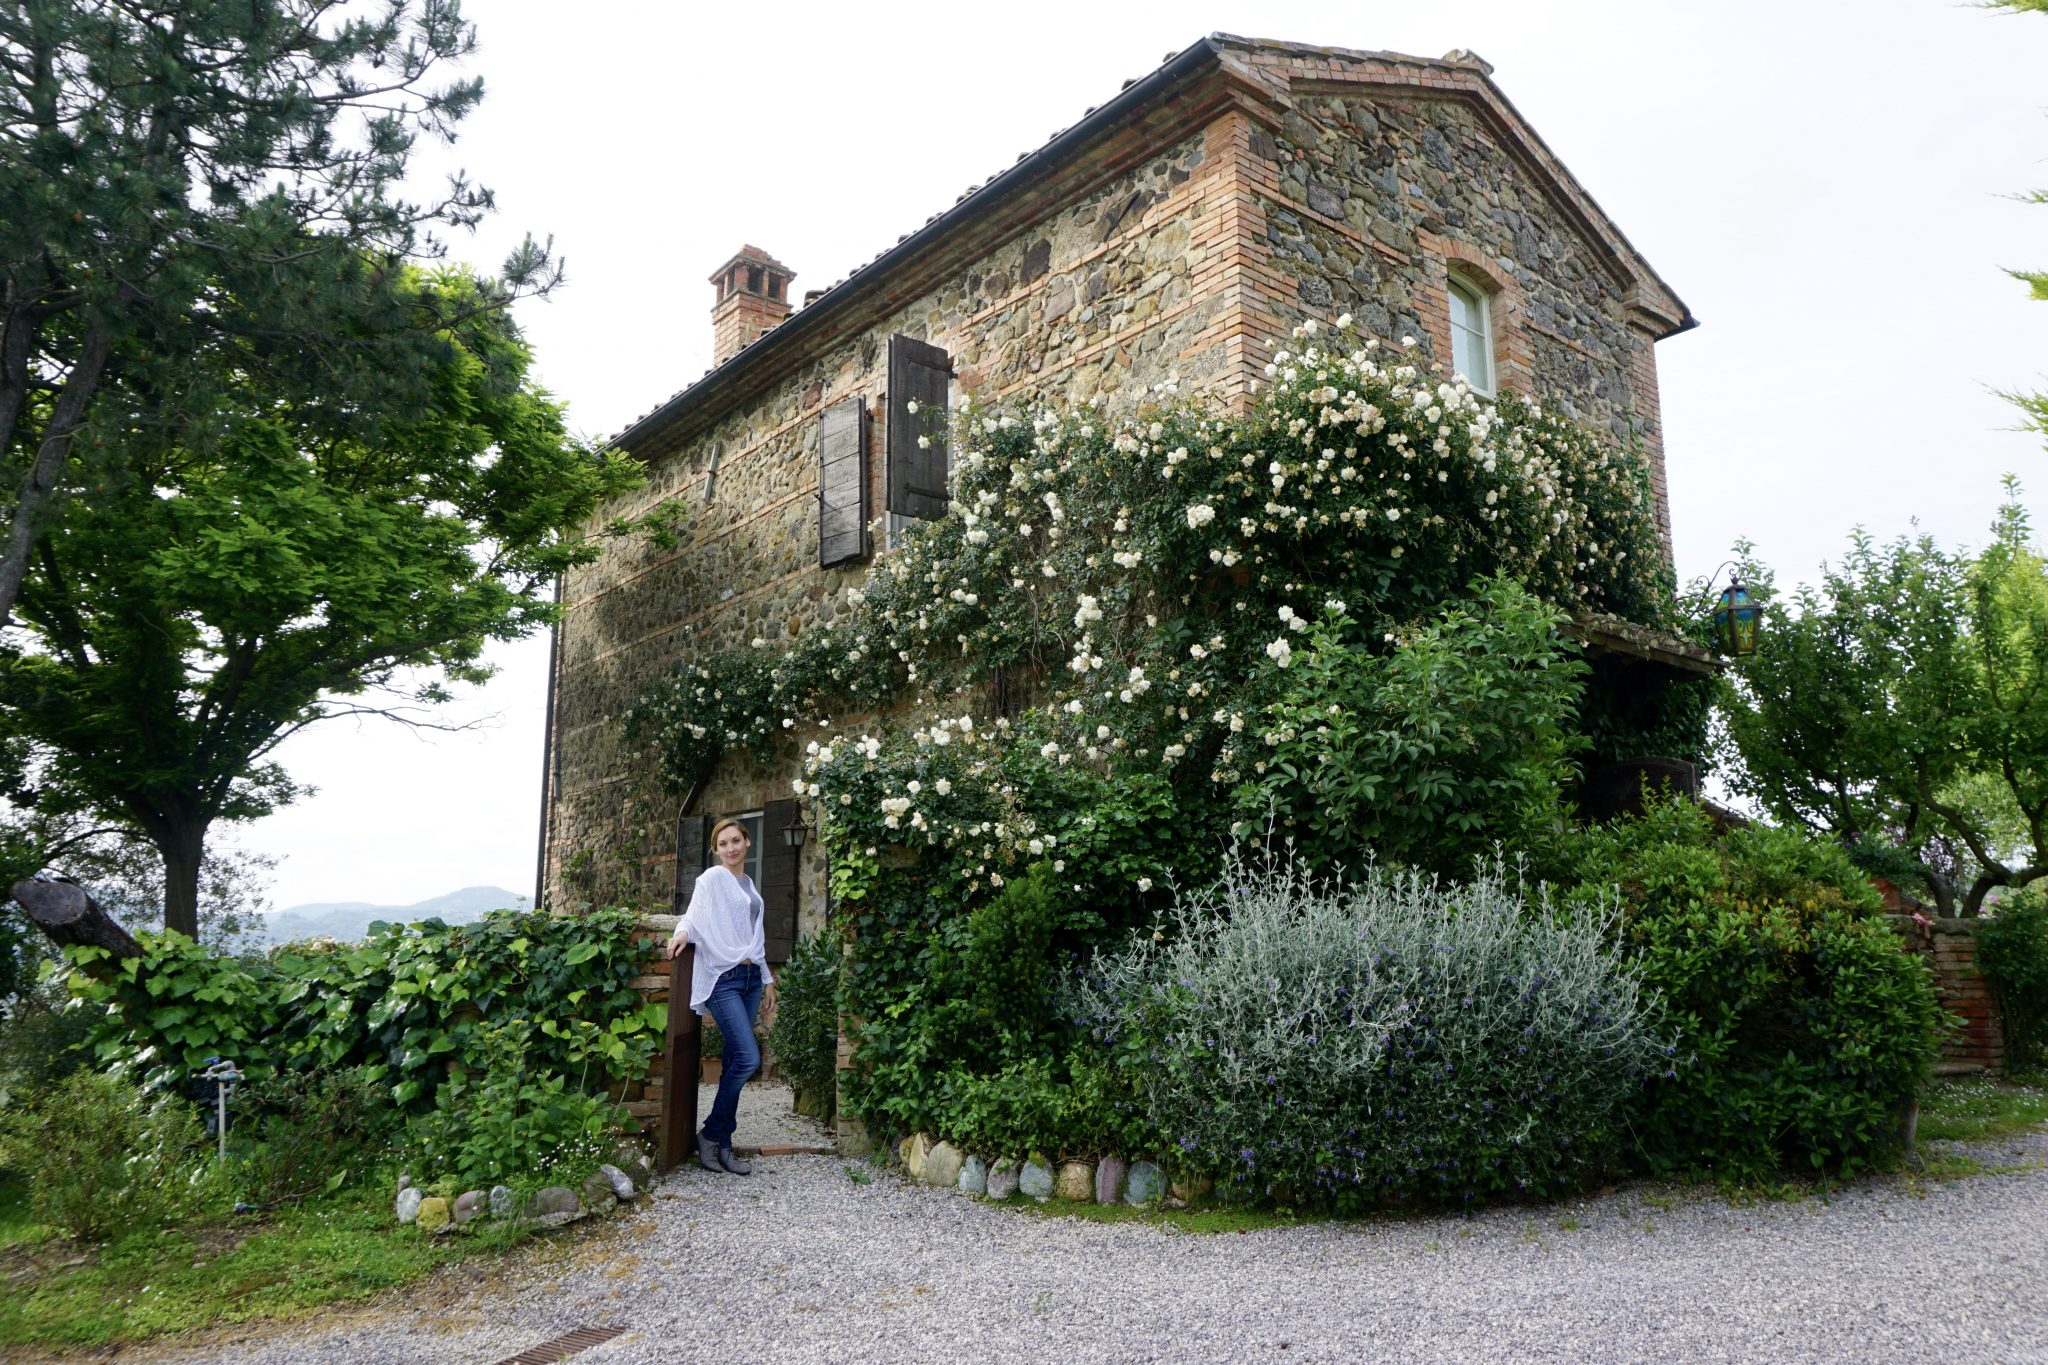 hotel lupaia, tuscany, italy